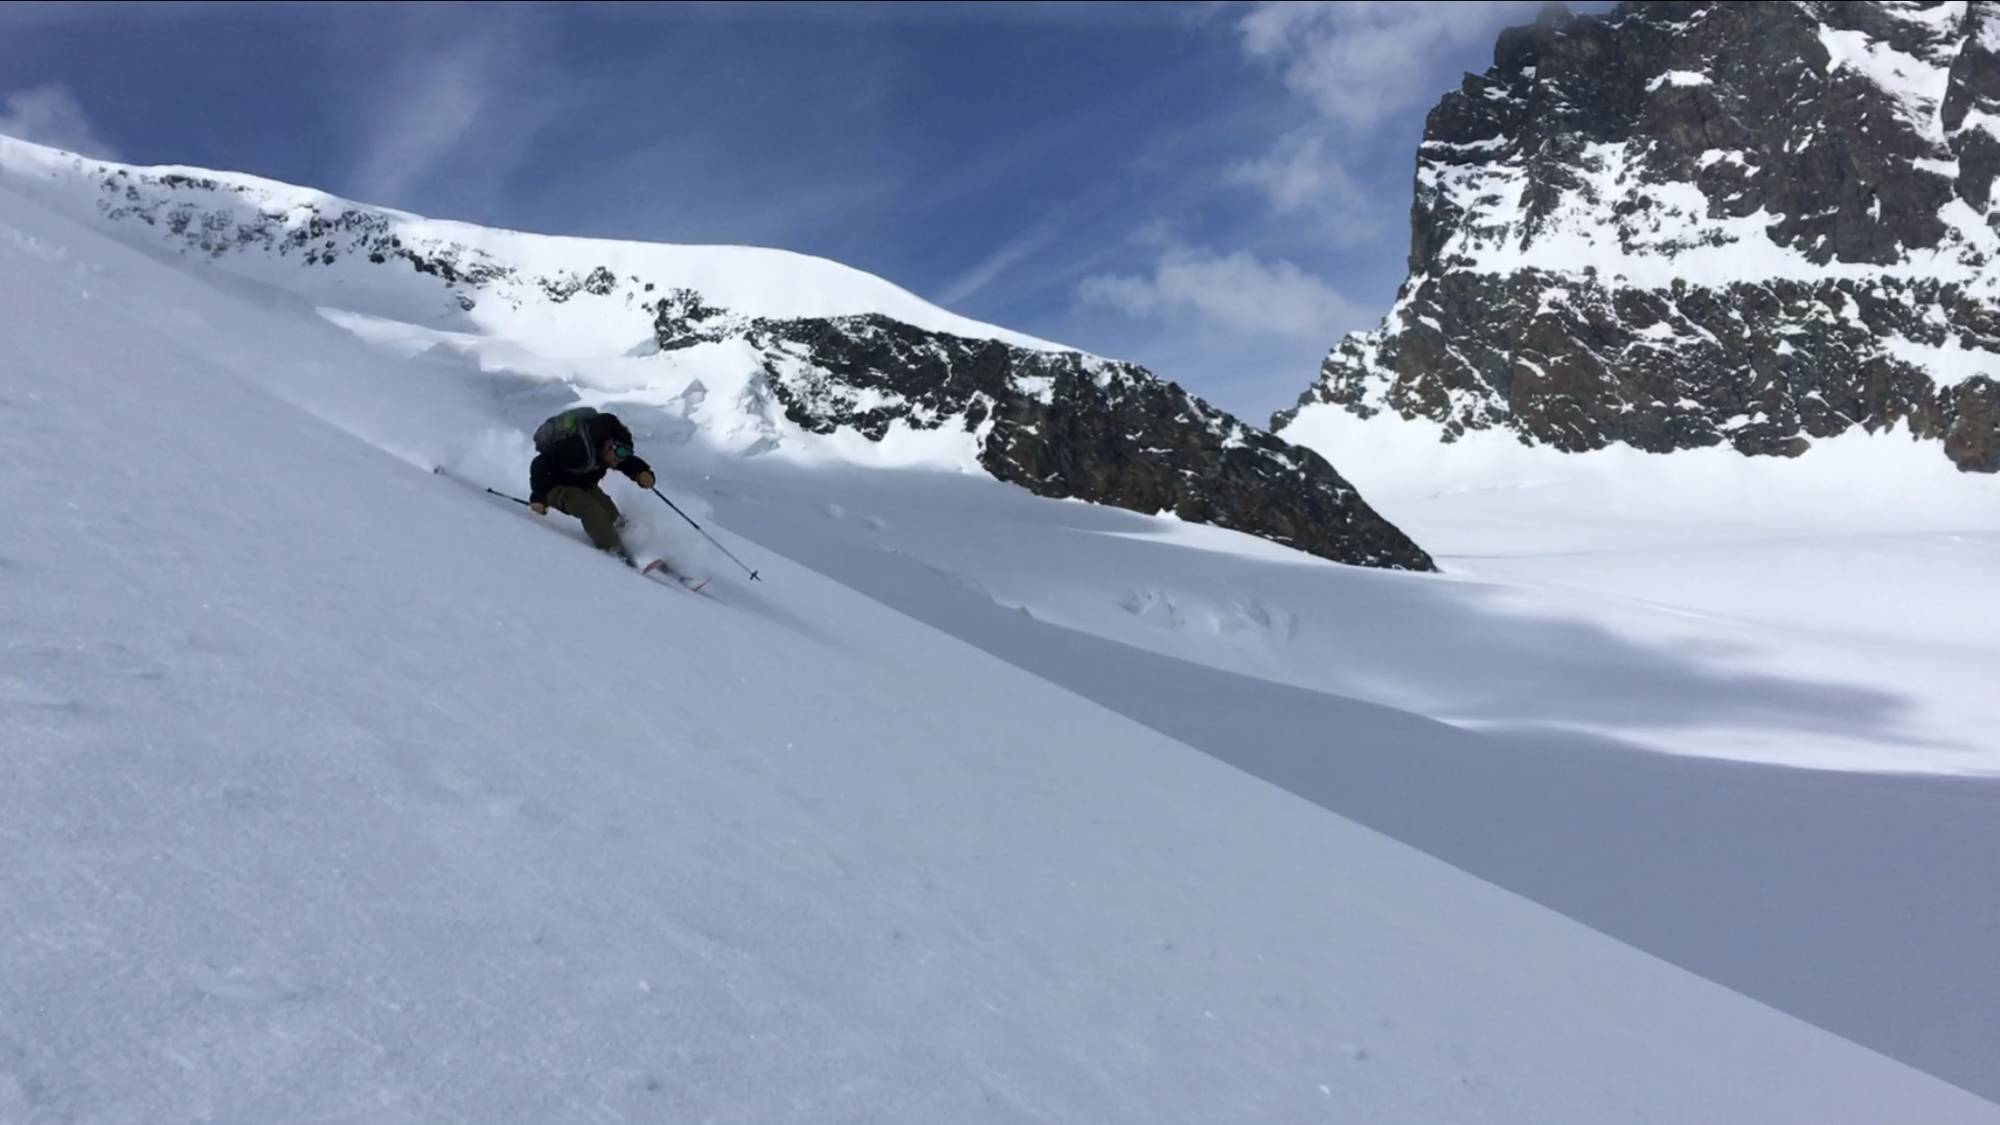 Klettergurt Für Skitouren : Weibliche bergsteiger mit rucksack helm und klettergurt